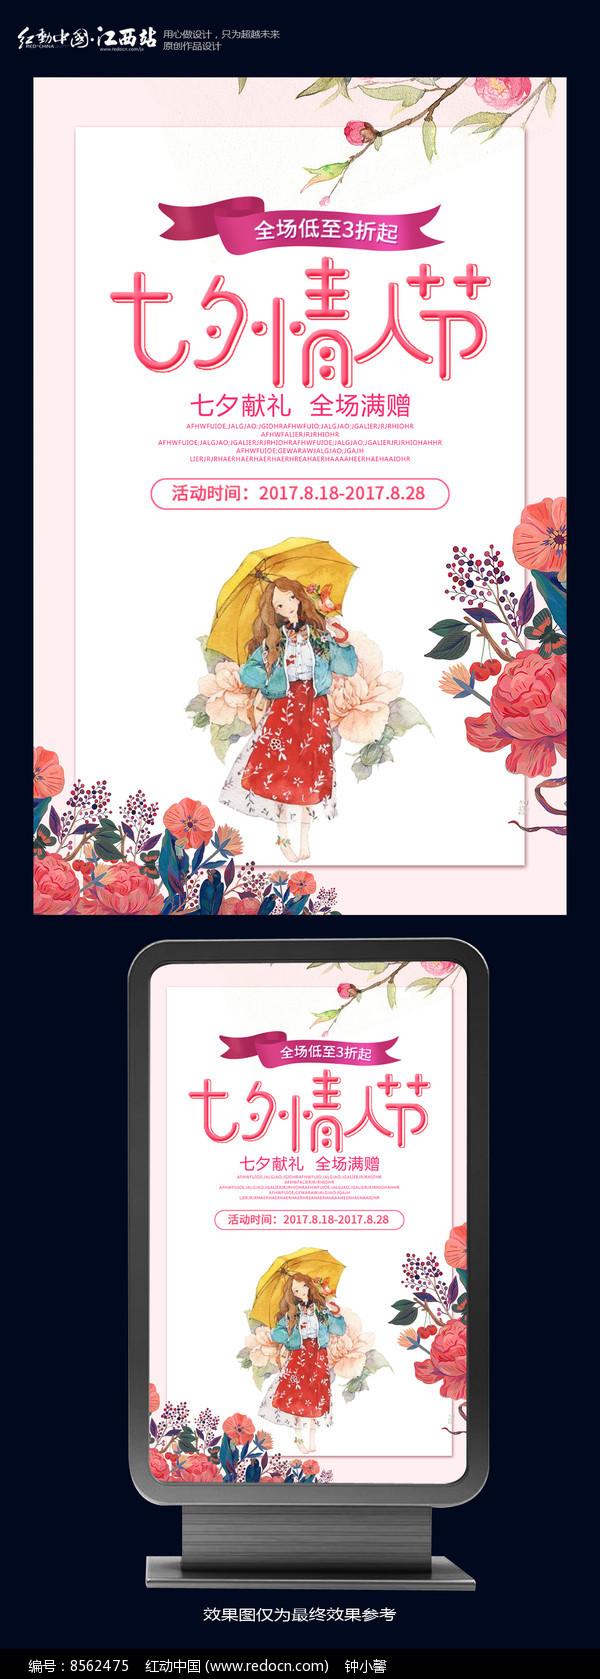 清新七夕情人节节日海报设计图片